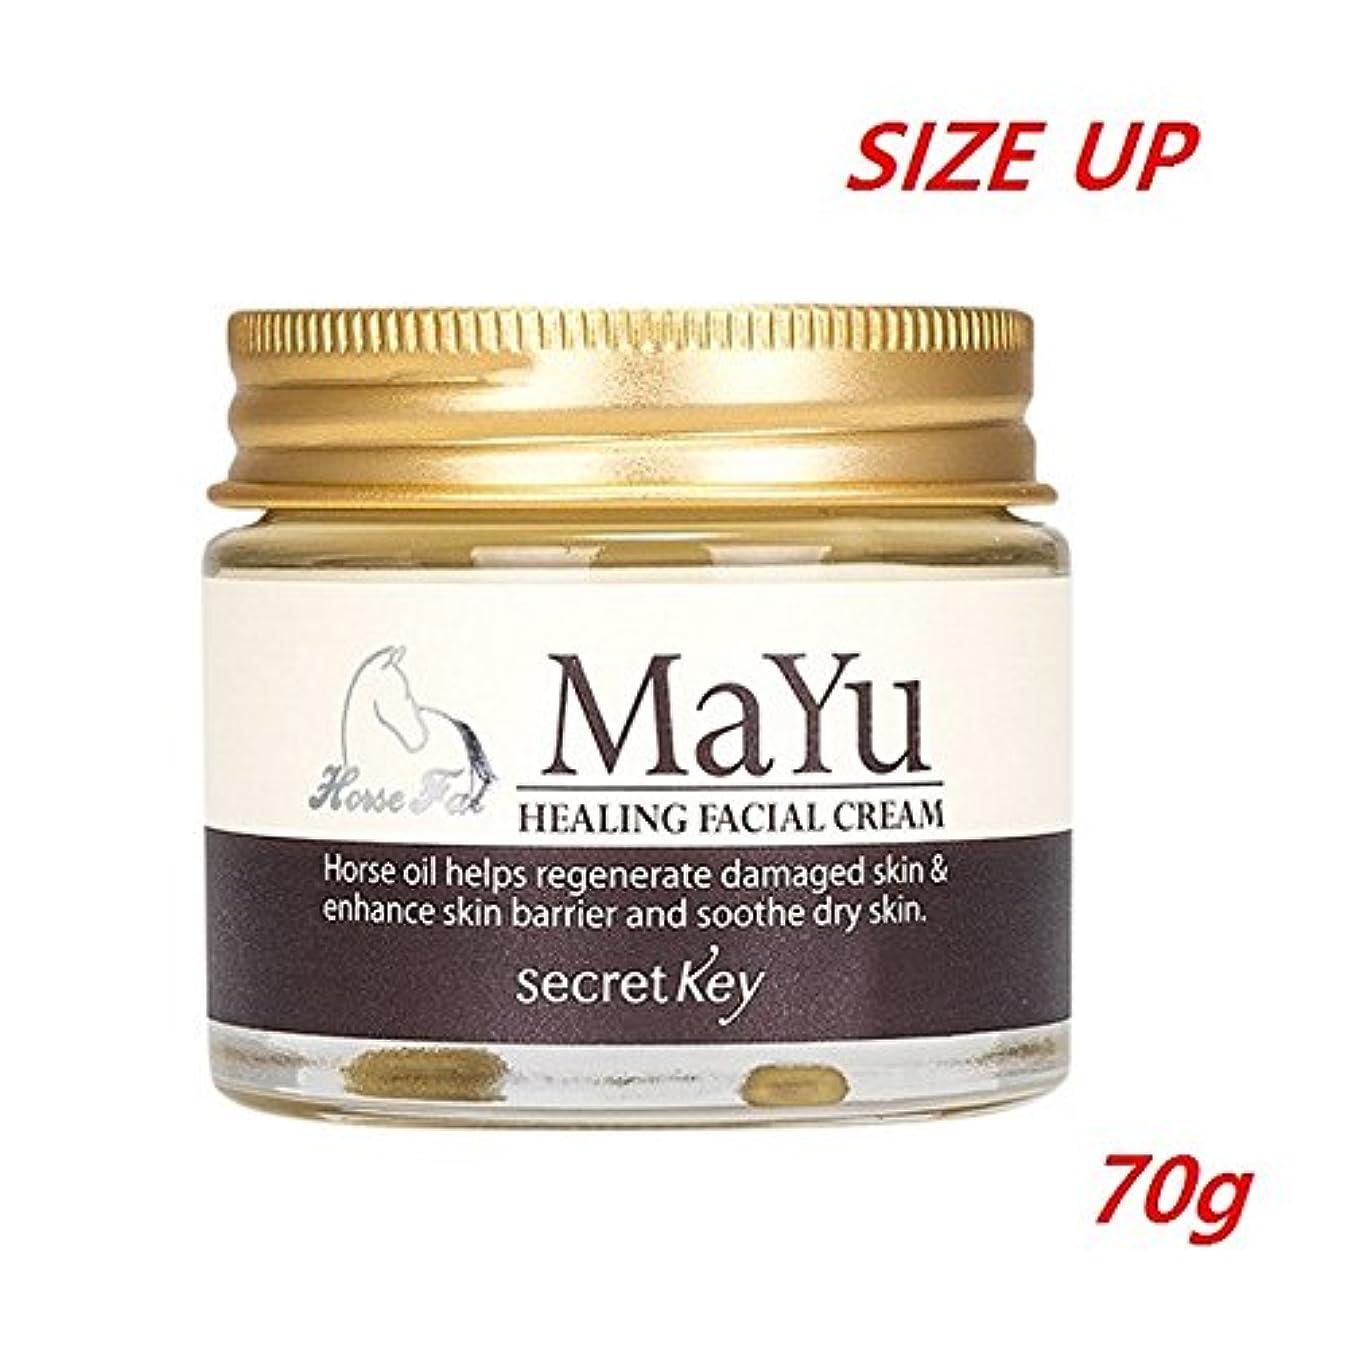 太平洋諸島熟読カビシークレットキー 馬油 ヒーリング フェイシャル クリーム/Secret Key Mayu Healing Facial Cream 70g Size Up(50g to 70g Up Grade) [並行輸入品]